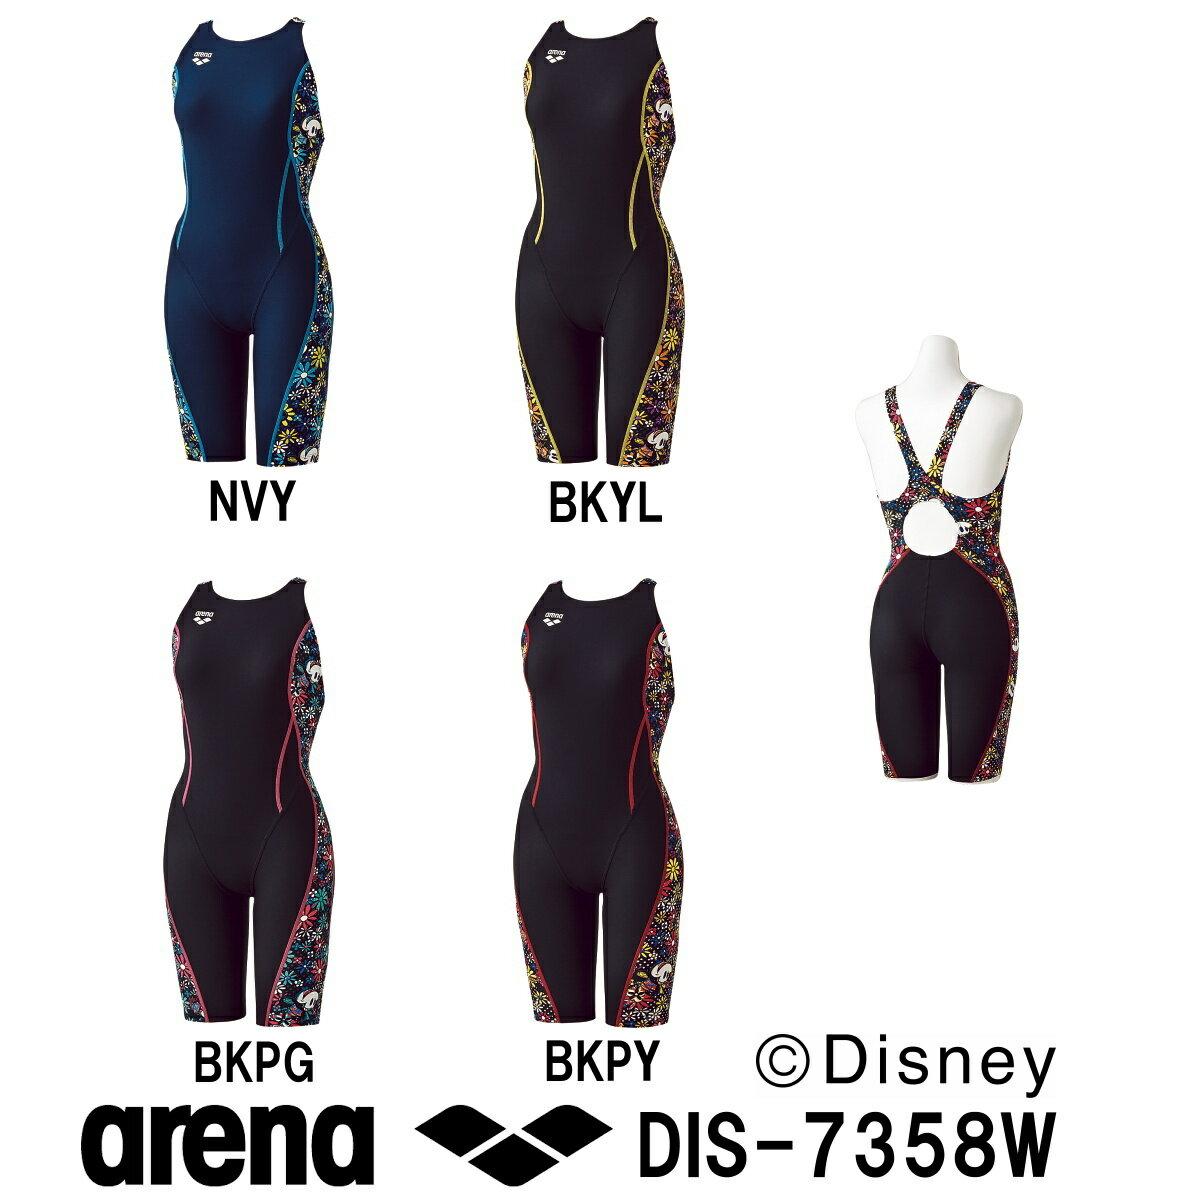 【送料無料】ARENA アリーナ 競泳練習水着(ディズニー) レディース スイムウェア スイミング タフハーフスパッツ タフスーツ タフスキン 着やストラップ 2017年FWモデル DIS-7358W